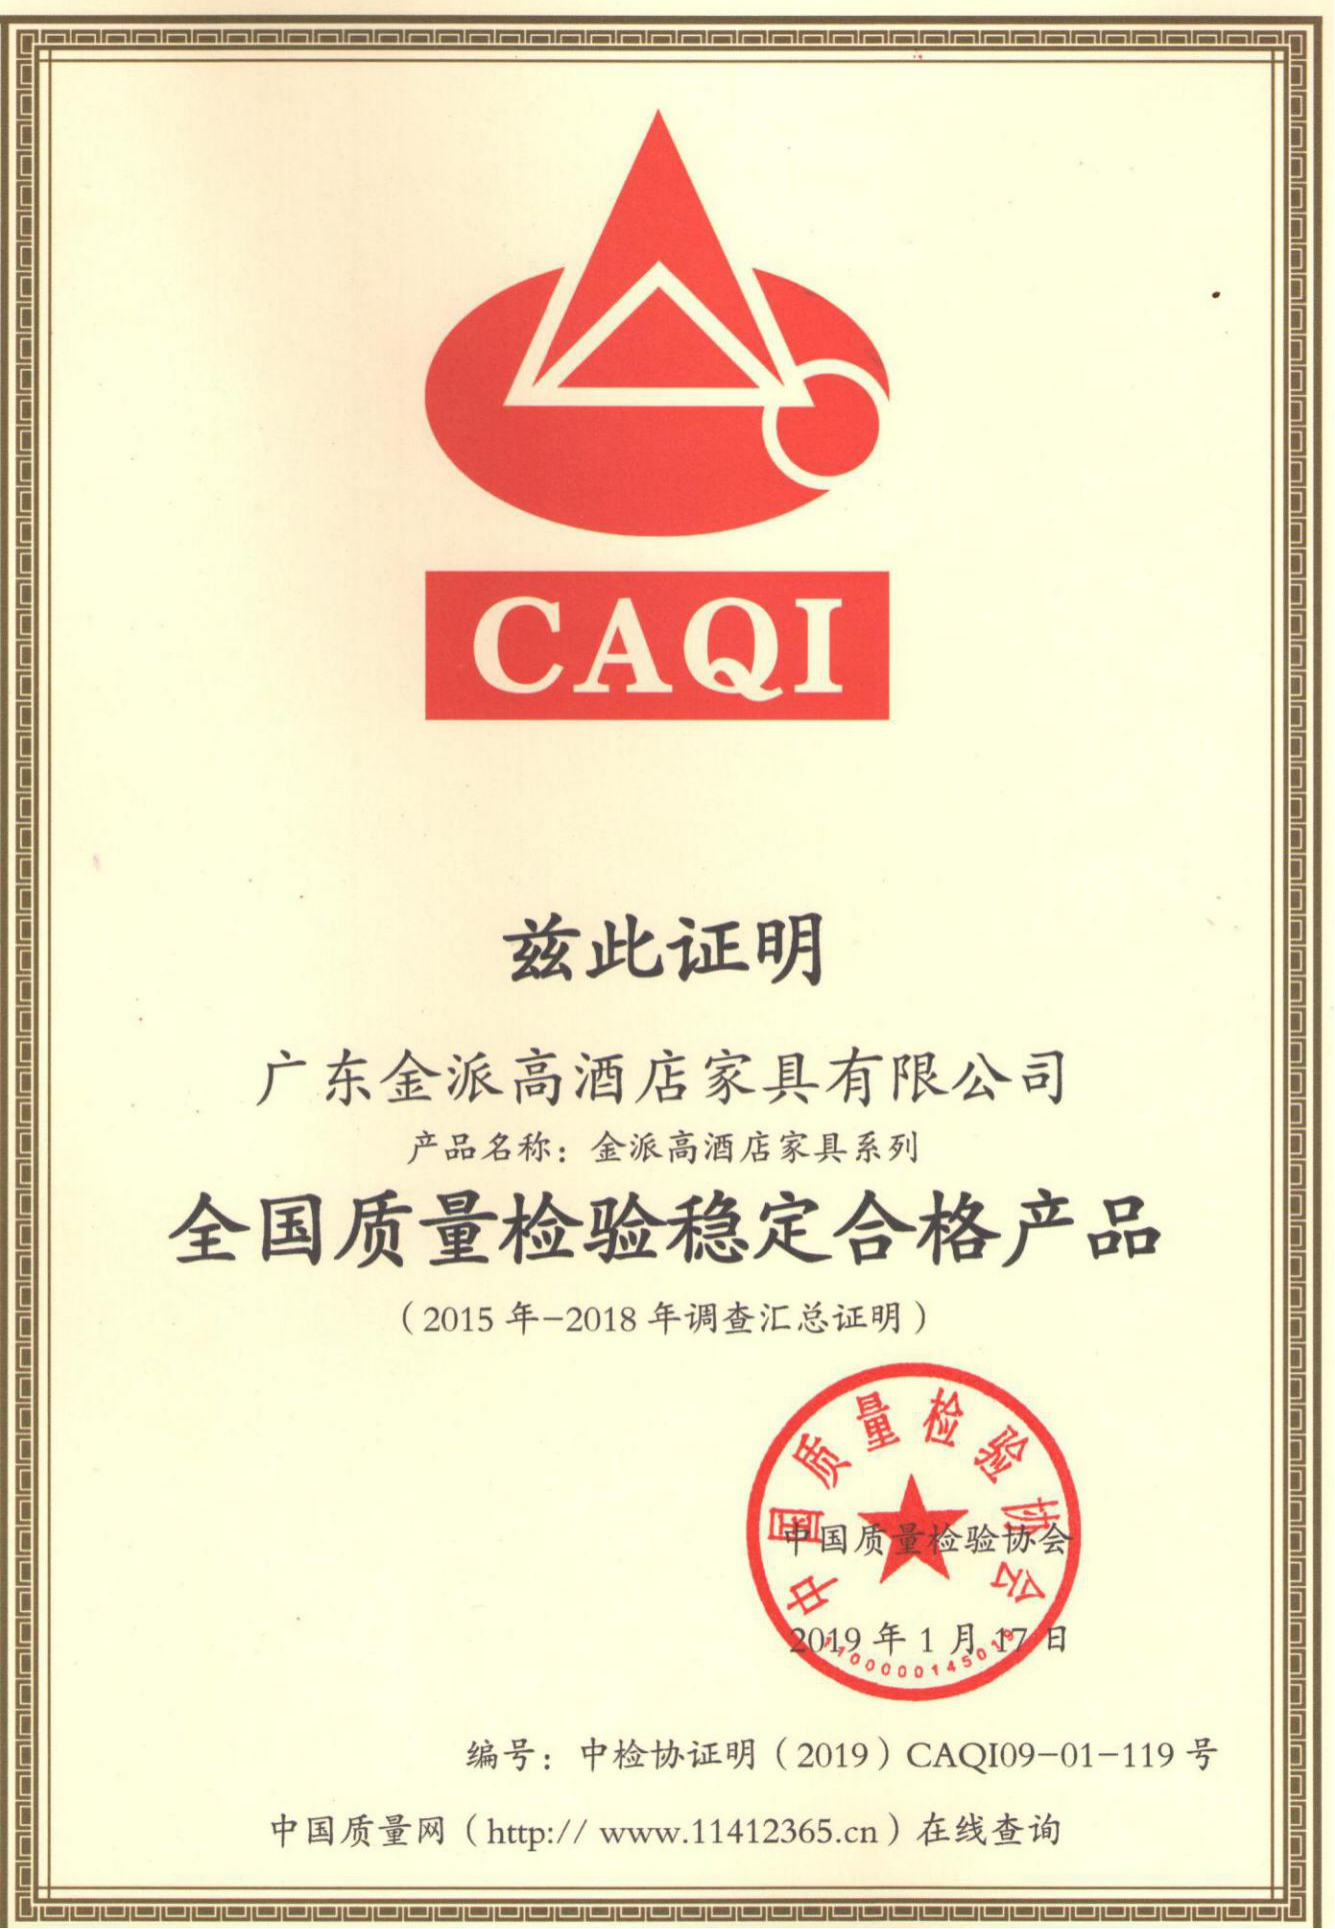 全國質量檢驗穩定合格產品